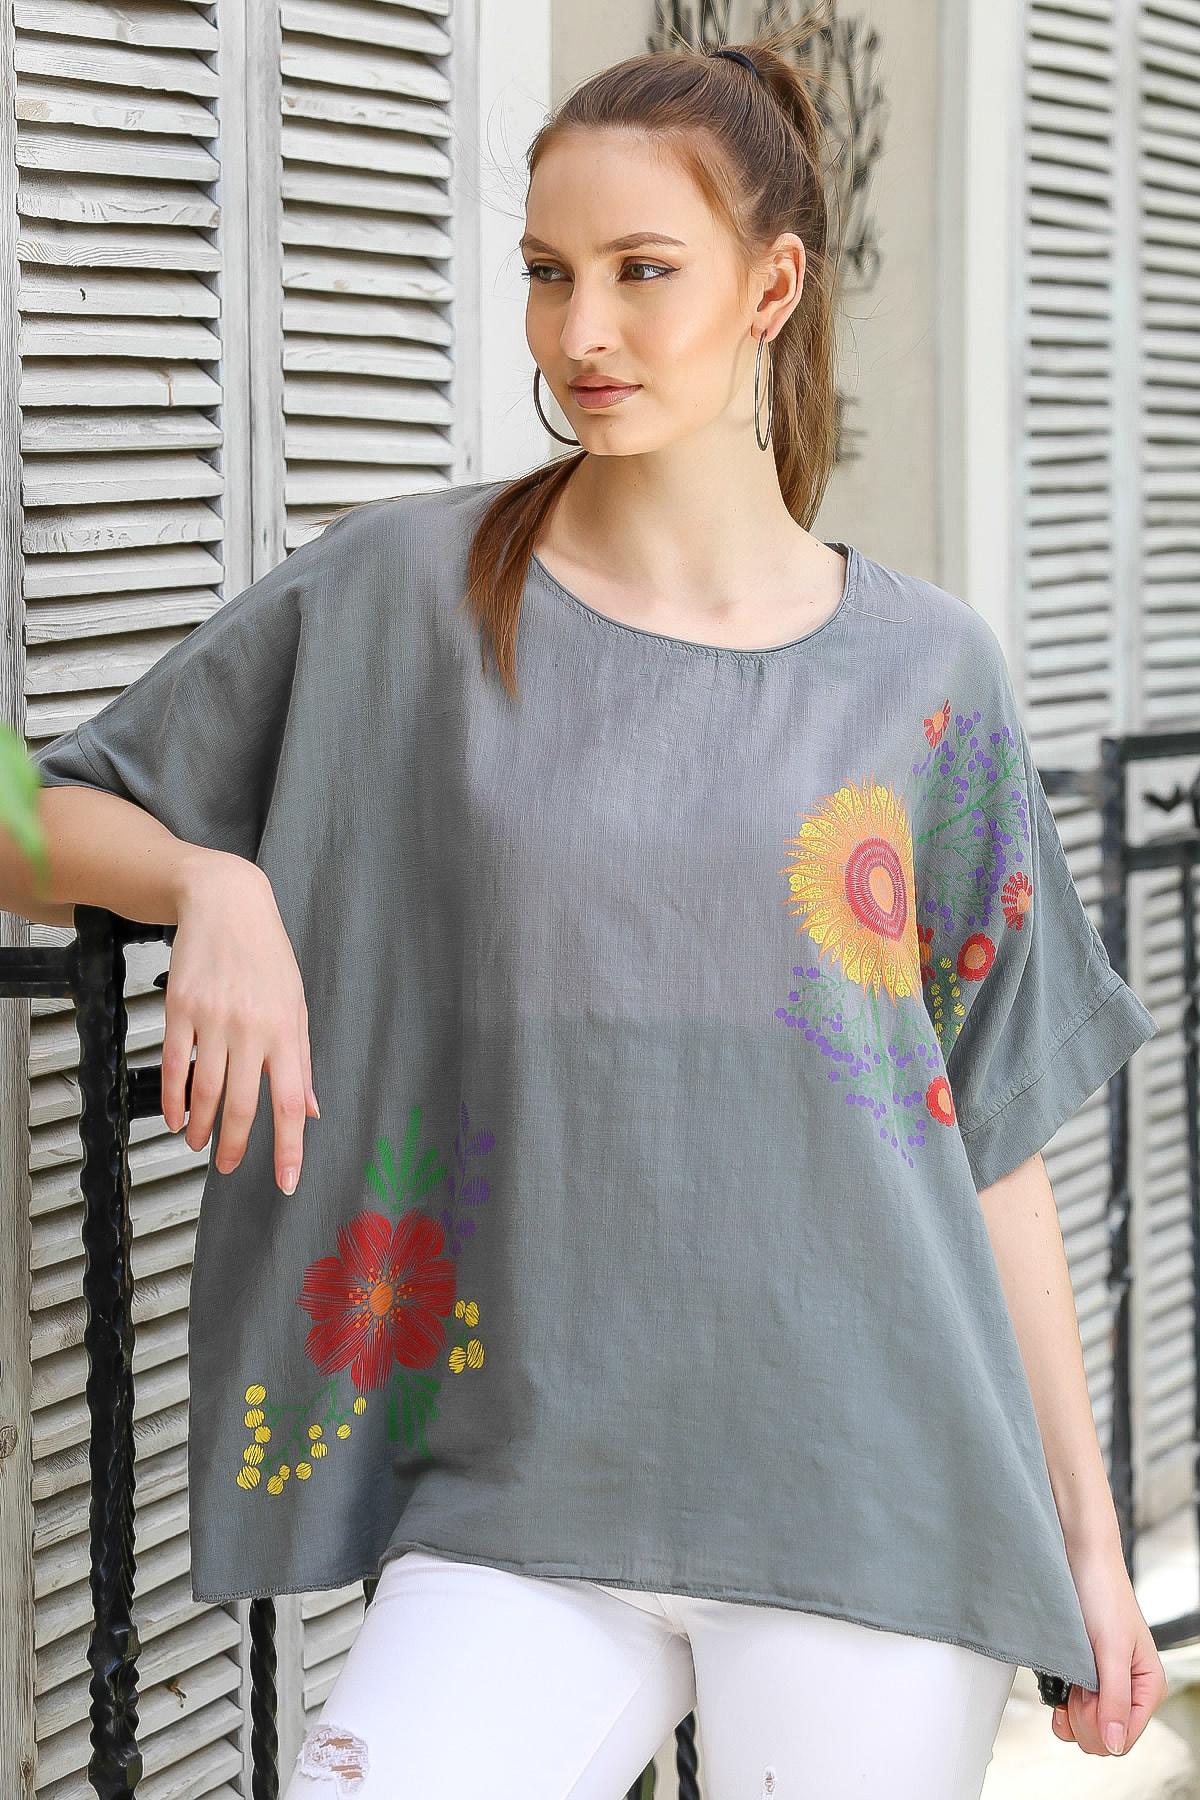 Chiccy Kadın Füme Sıfır Yaka Günebakan Çiçek Desenli Salaş Dokuma Bluz M10010200BL95412 3